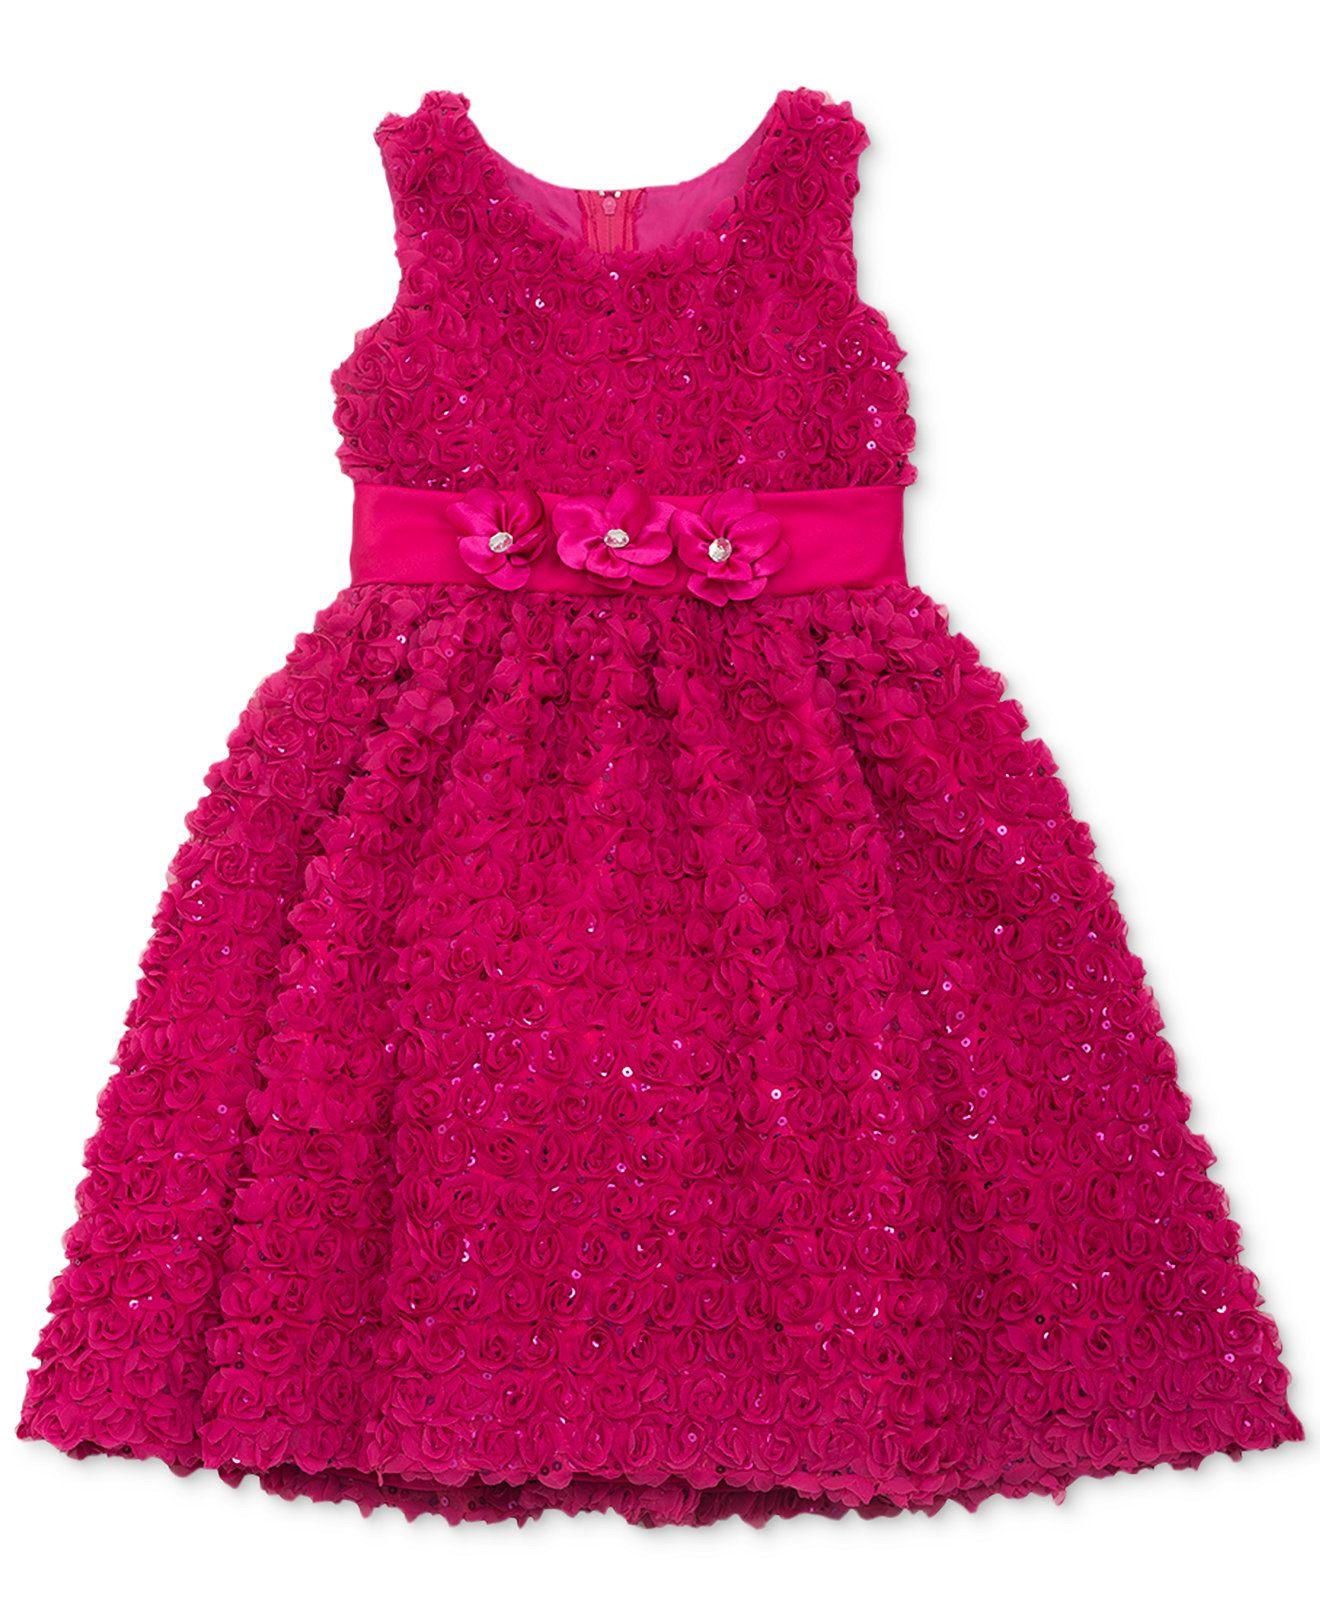 http://www1.macys.com/shop/product/rare-editions-little-girls-soutache-dress?ID=1716953